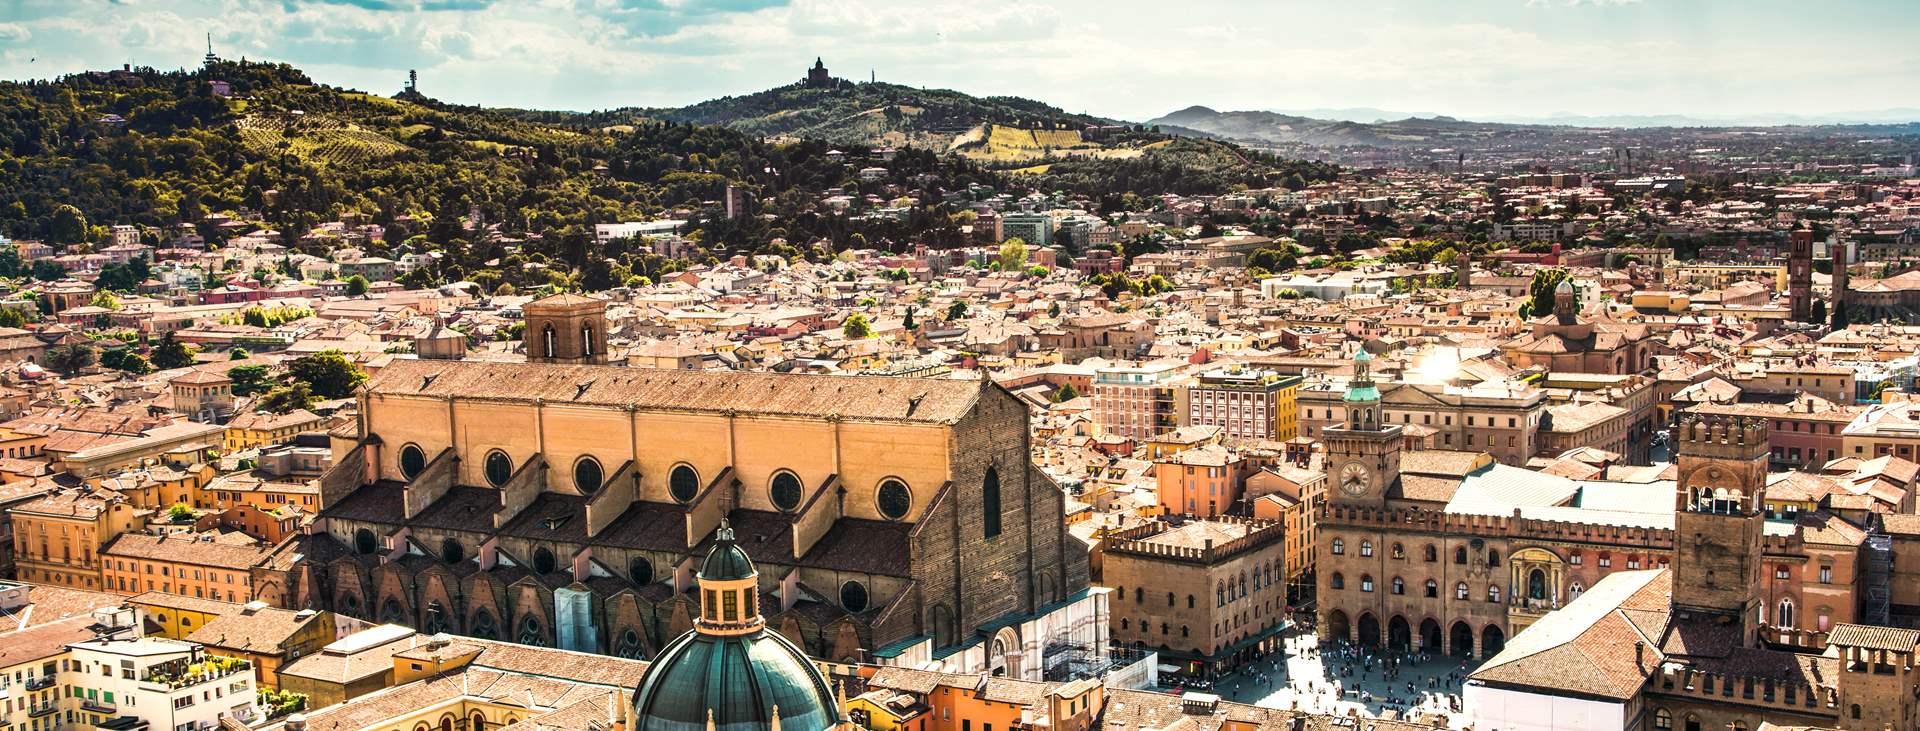 Bestill en reise med Ving til Bologna i Italia